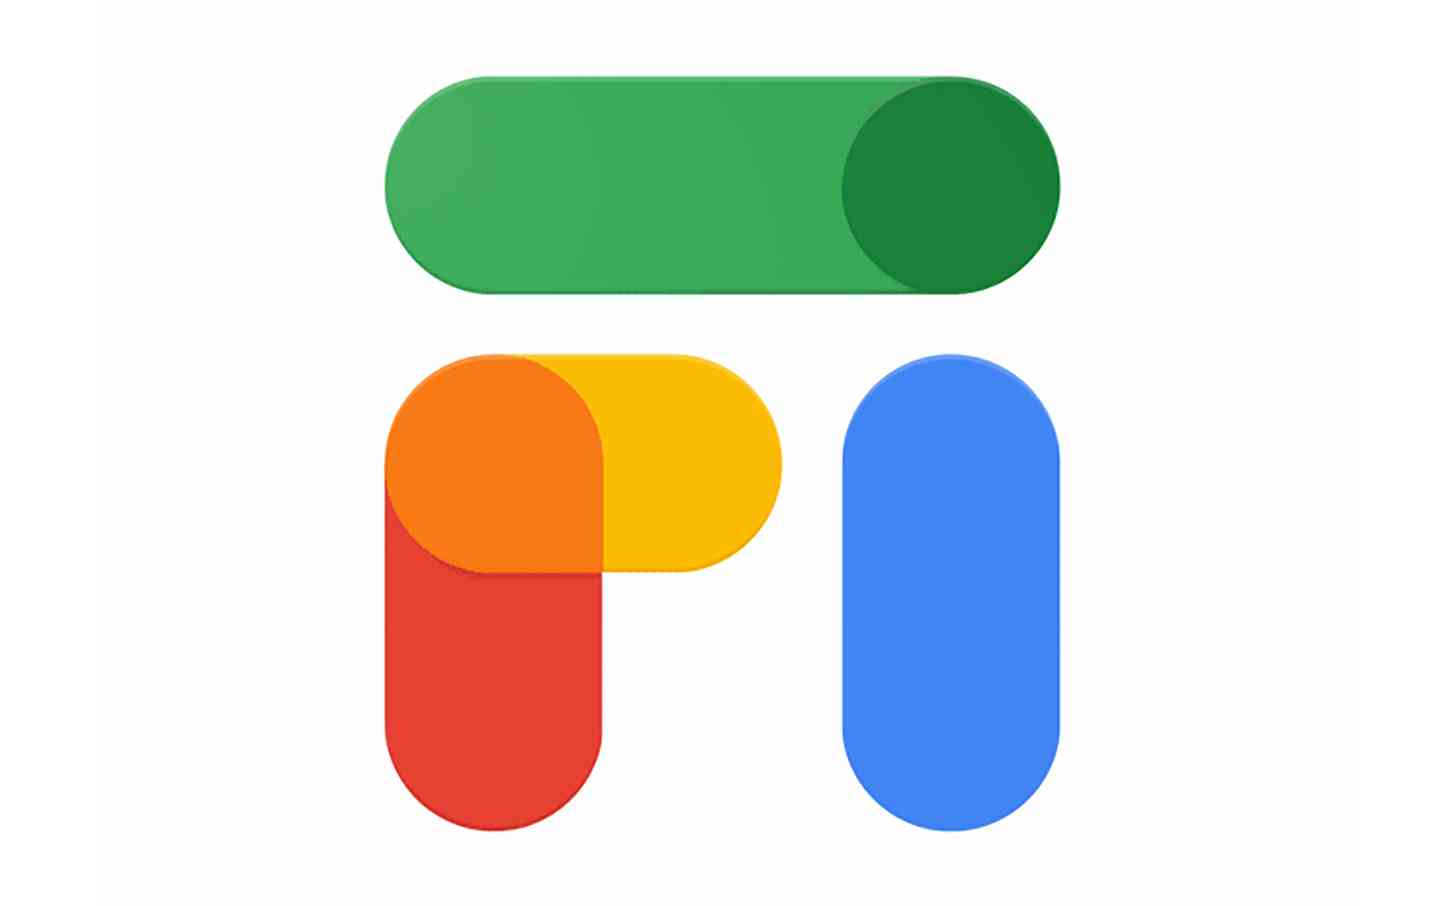 Google Fi official